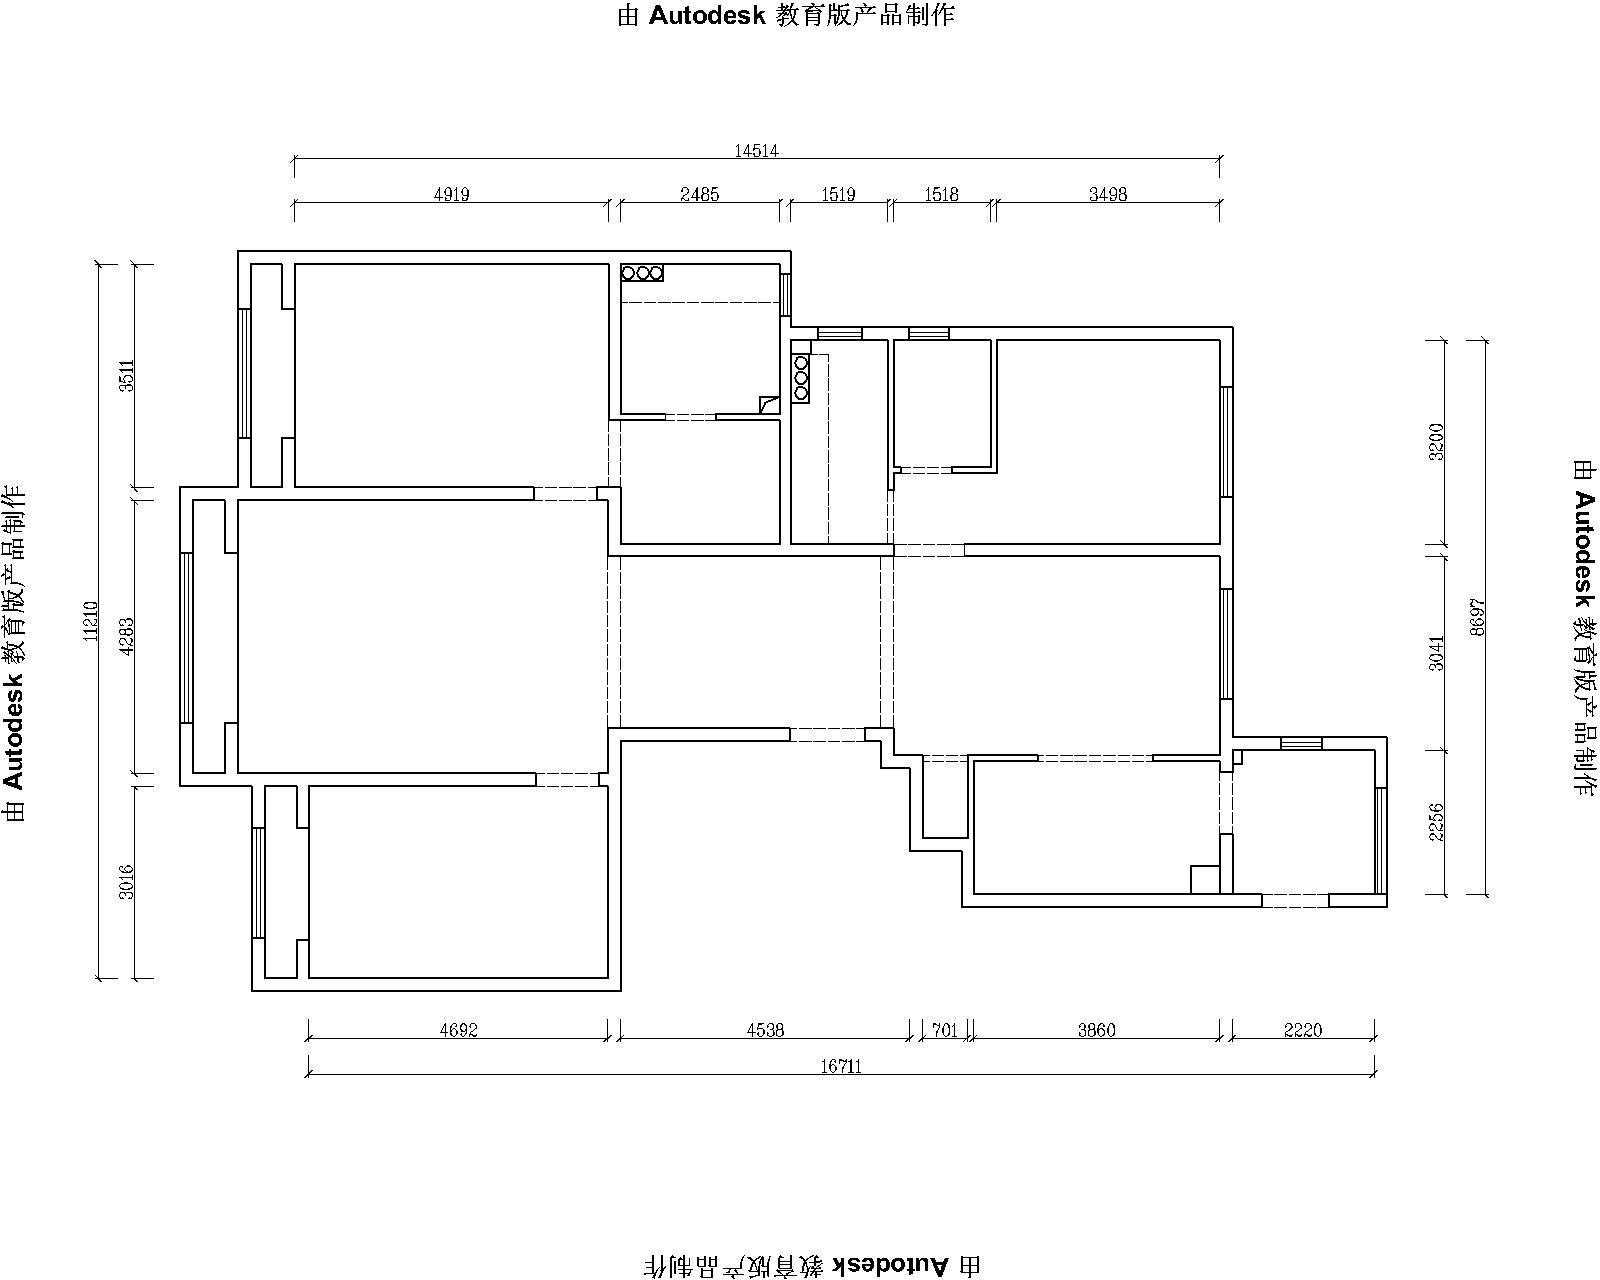 金隅花石匠-简欧风格-三居室-装修案例设计说明